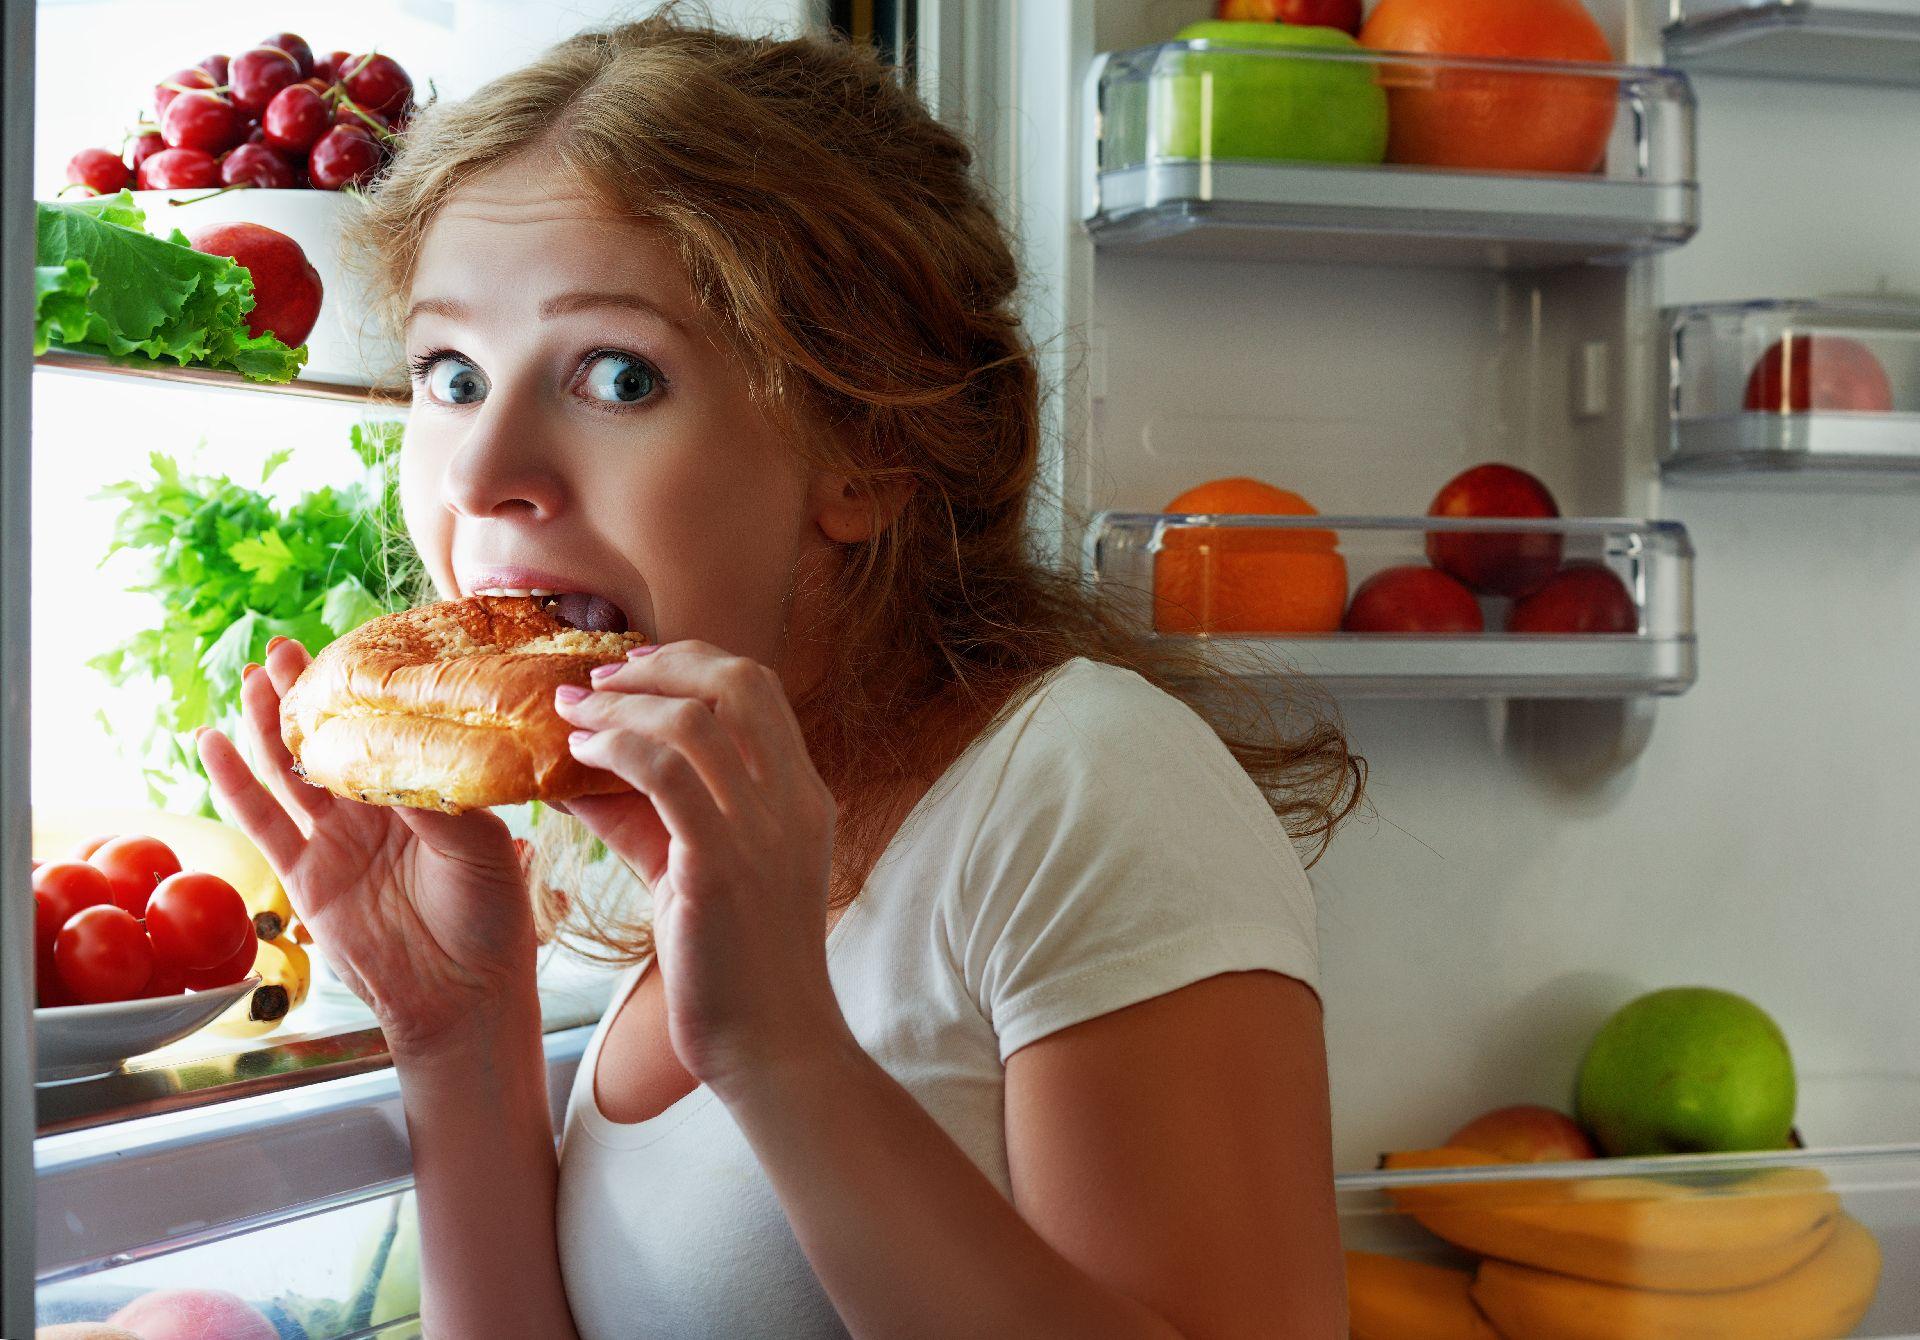 Segundo relatos, a maior dificuldade das mulheres que se submetem a cirurgias bariátricas é largar os doces Foto: Bigstock